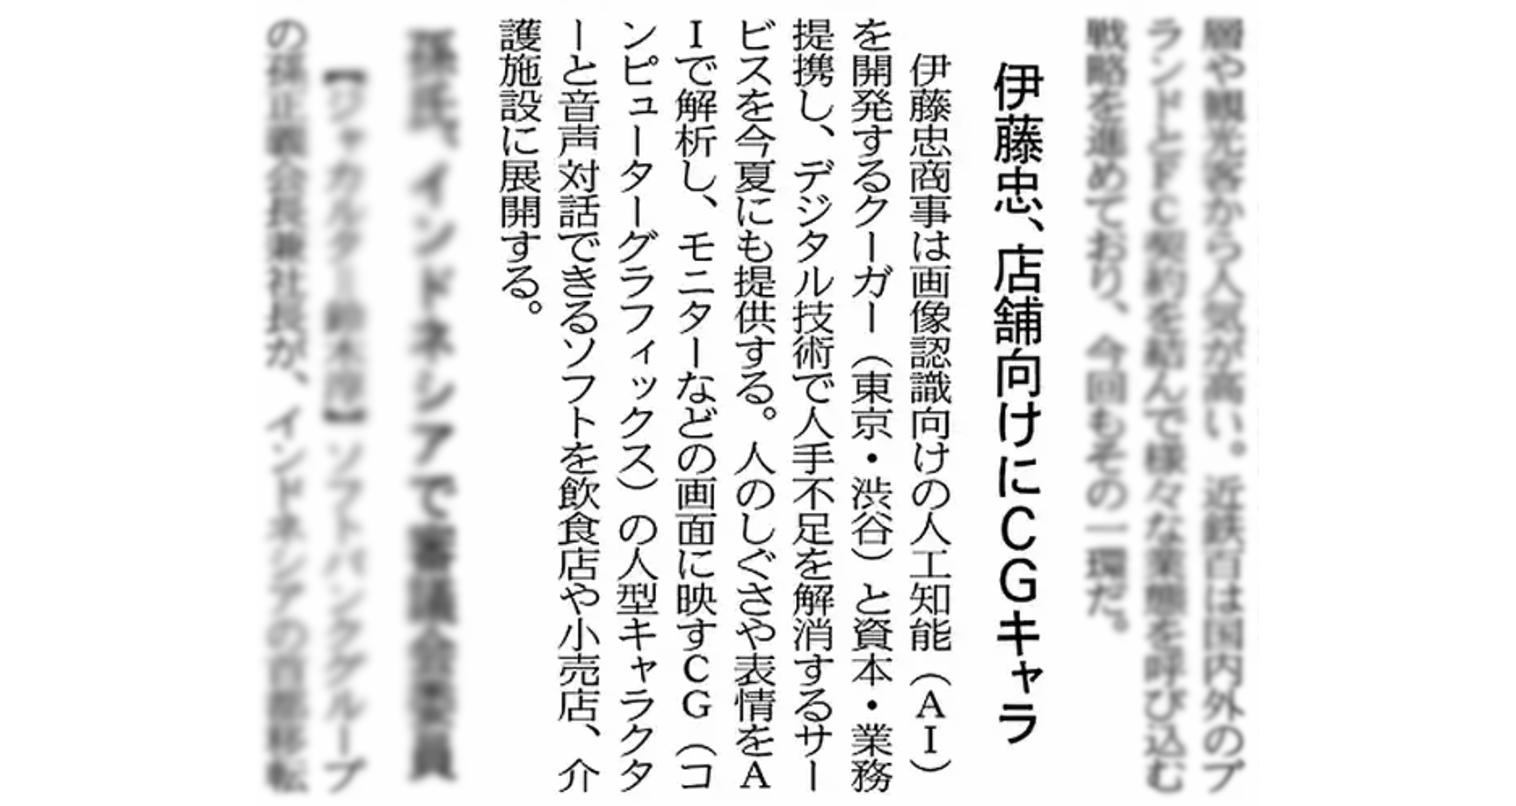 日本経済新聞朝刊にて、伊藤忠商事とクーガーの資本業務提携について掲載されました。